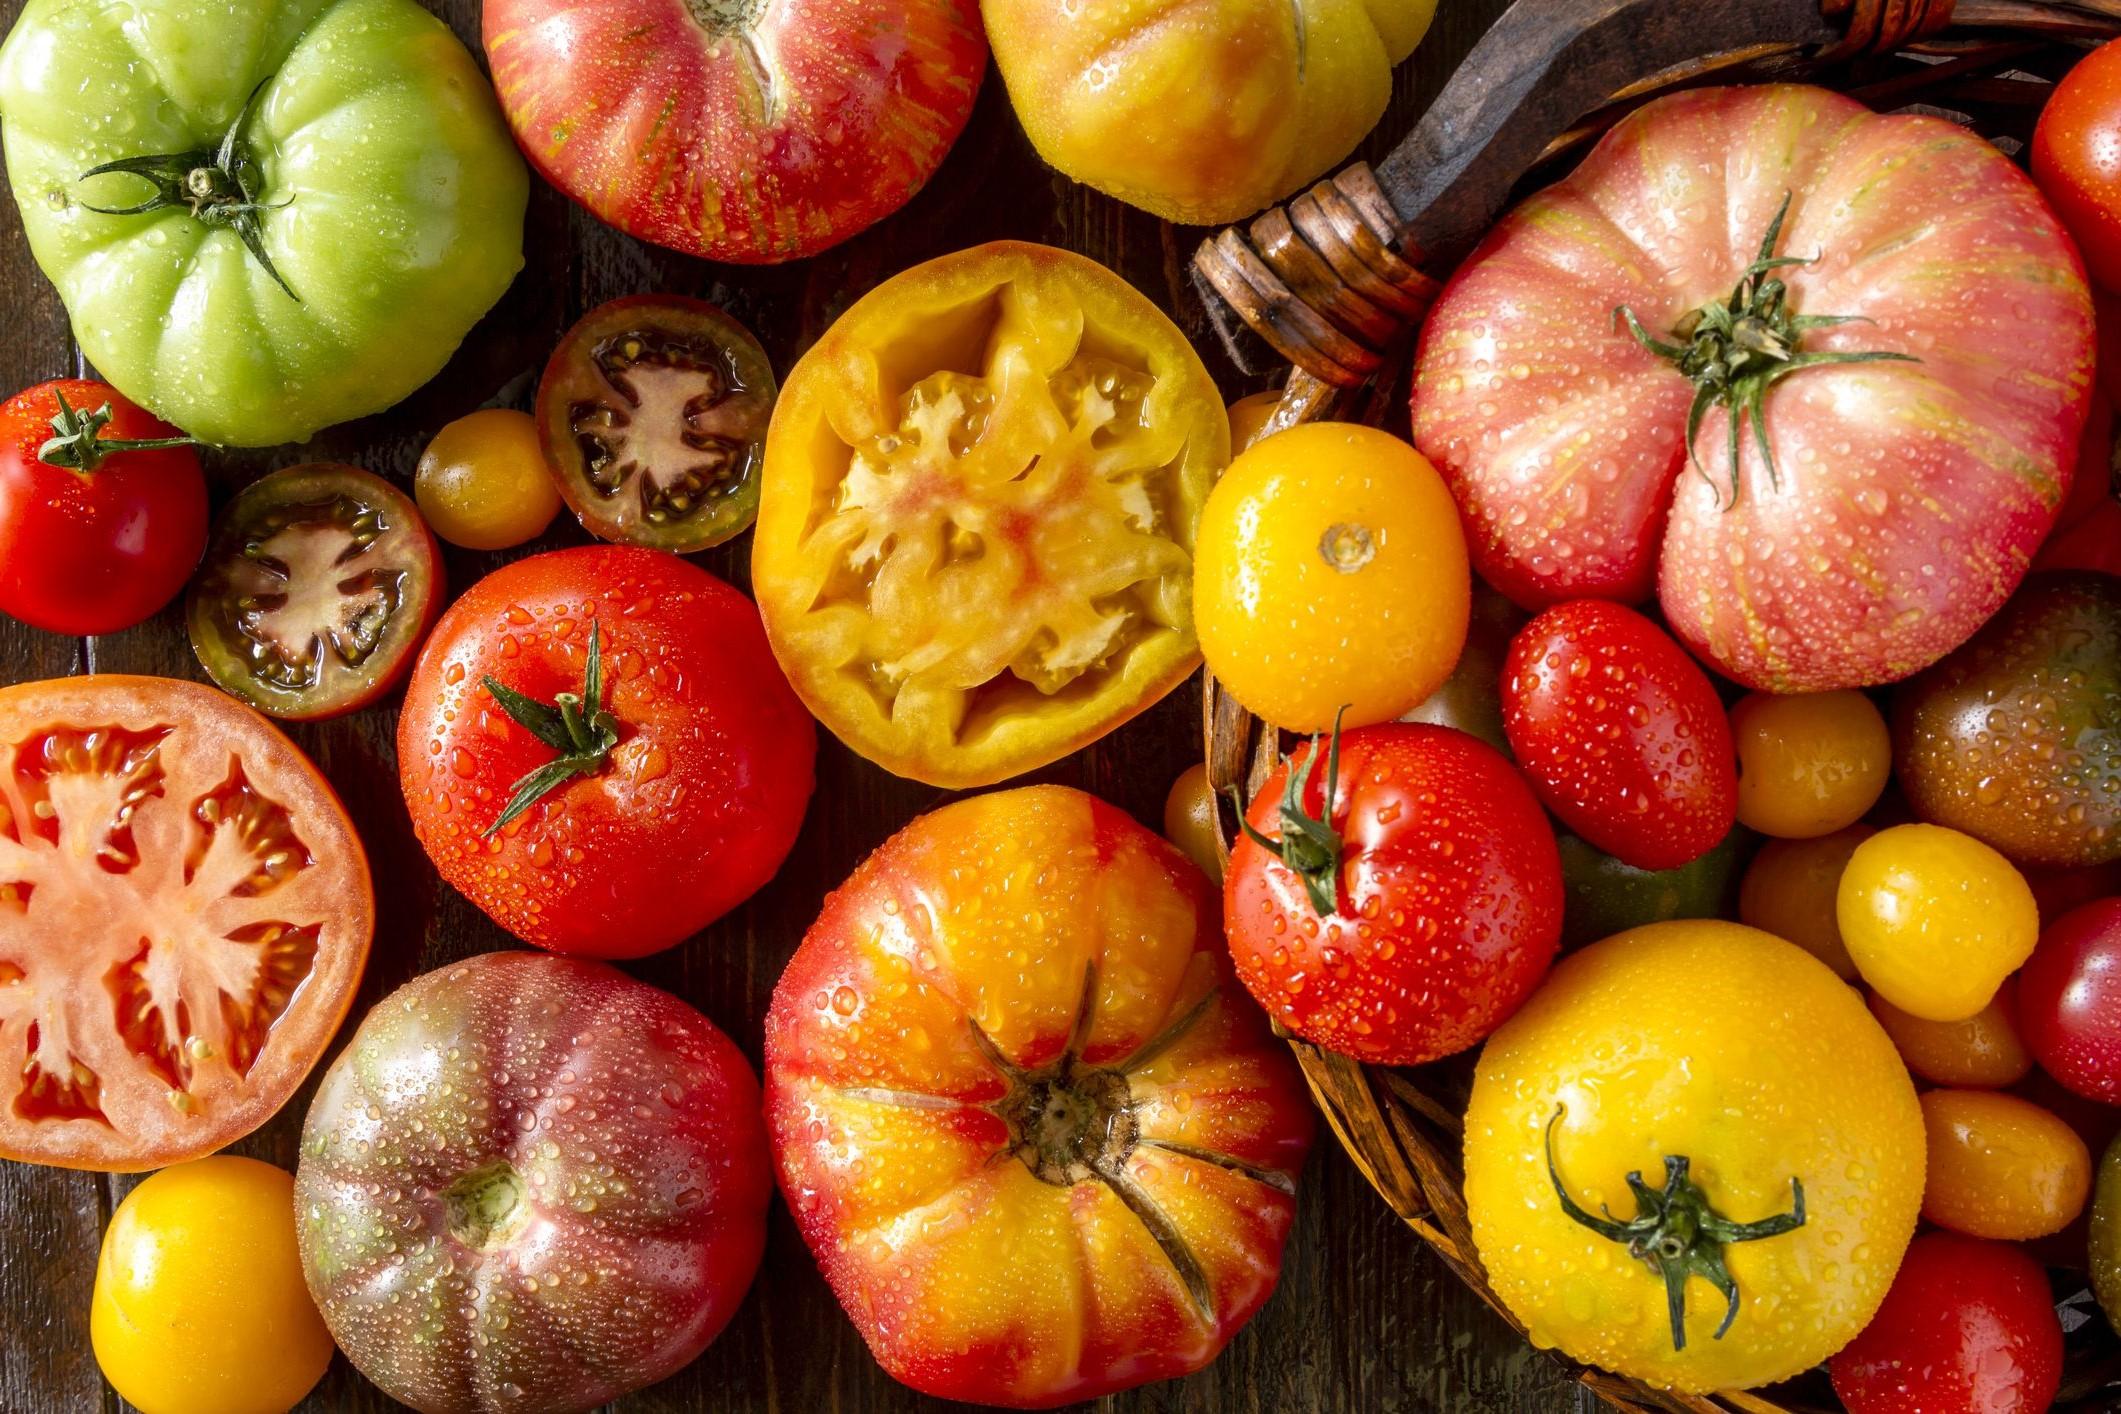 Les tomates sont techniquement des fruits mais généralement consommées comme légumes. Ils sont riches en vitamine C et en potassium. Glucides: 7 grammes dans une grosse tomate.